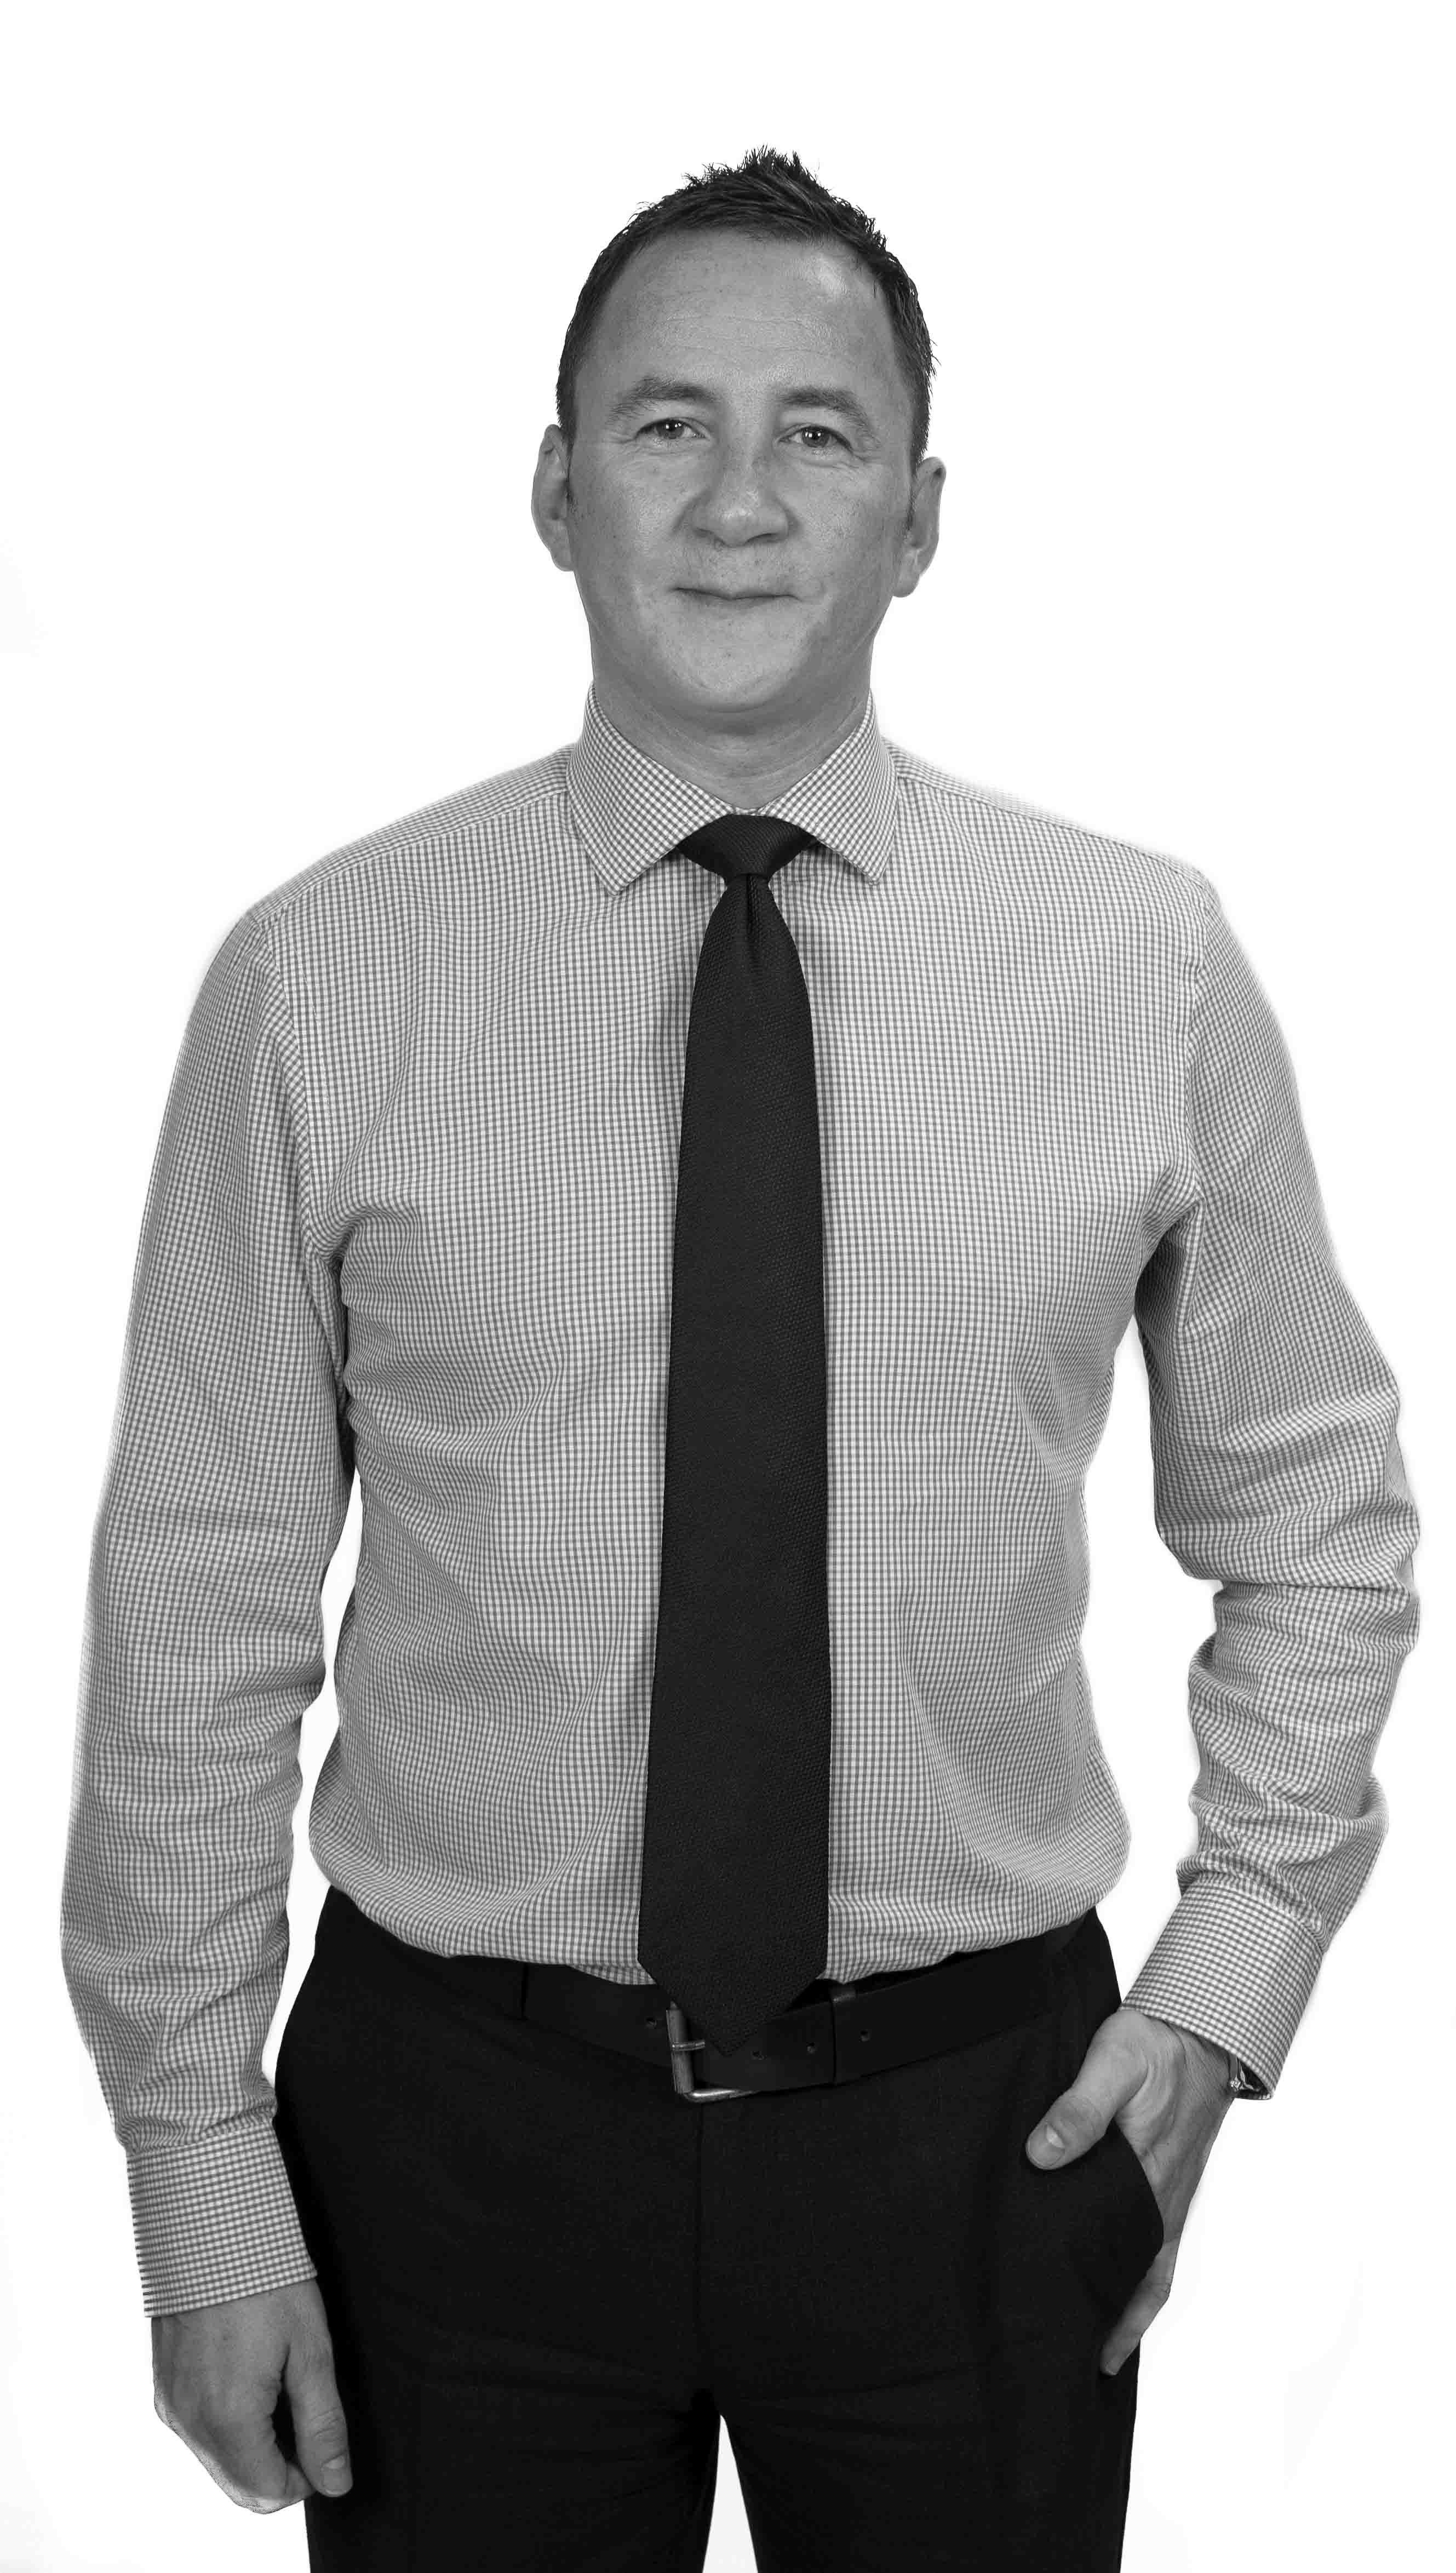 Derek Petterson, CEO